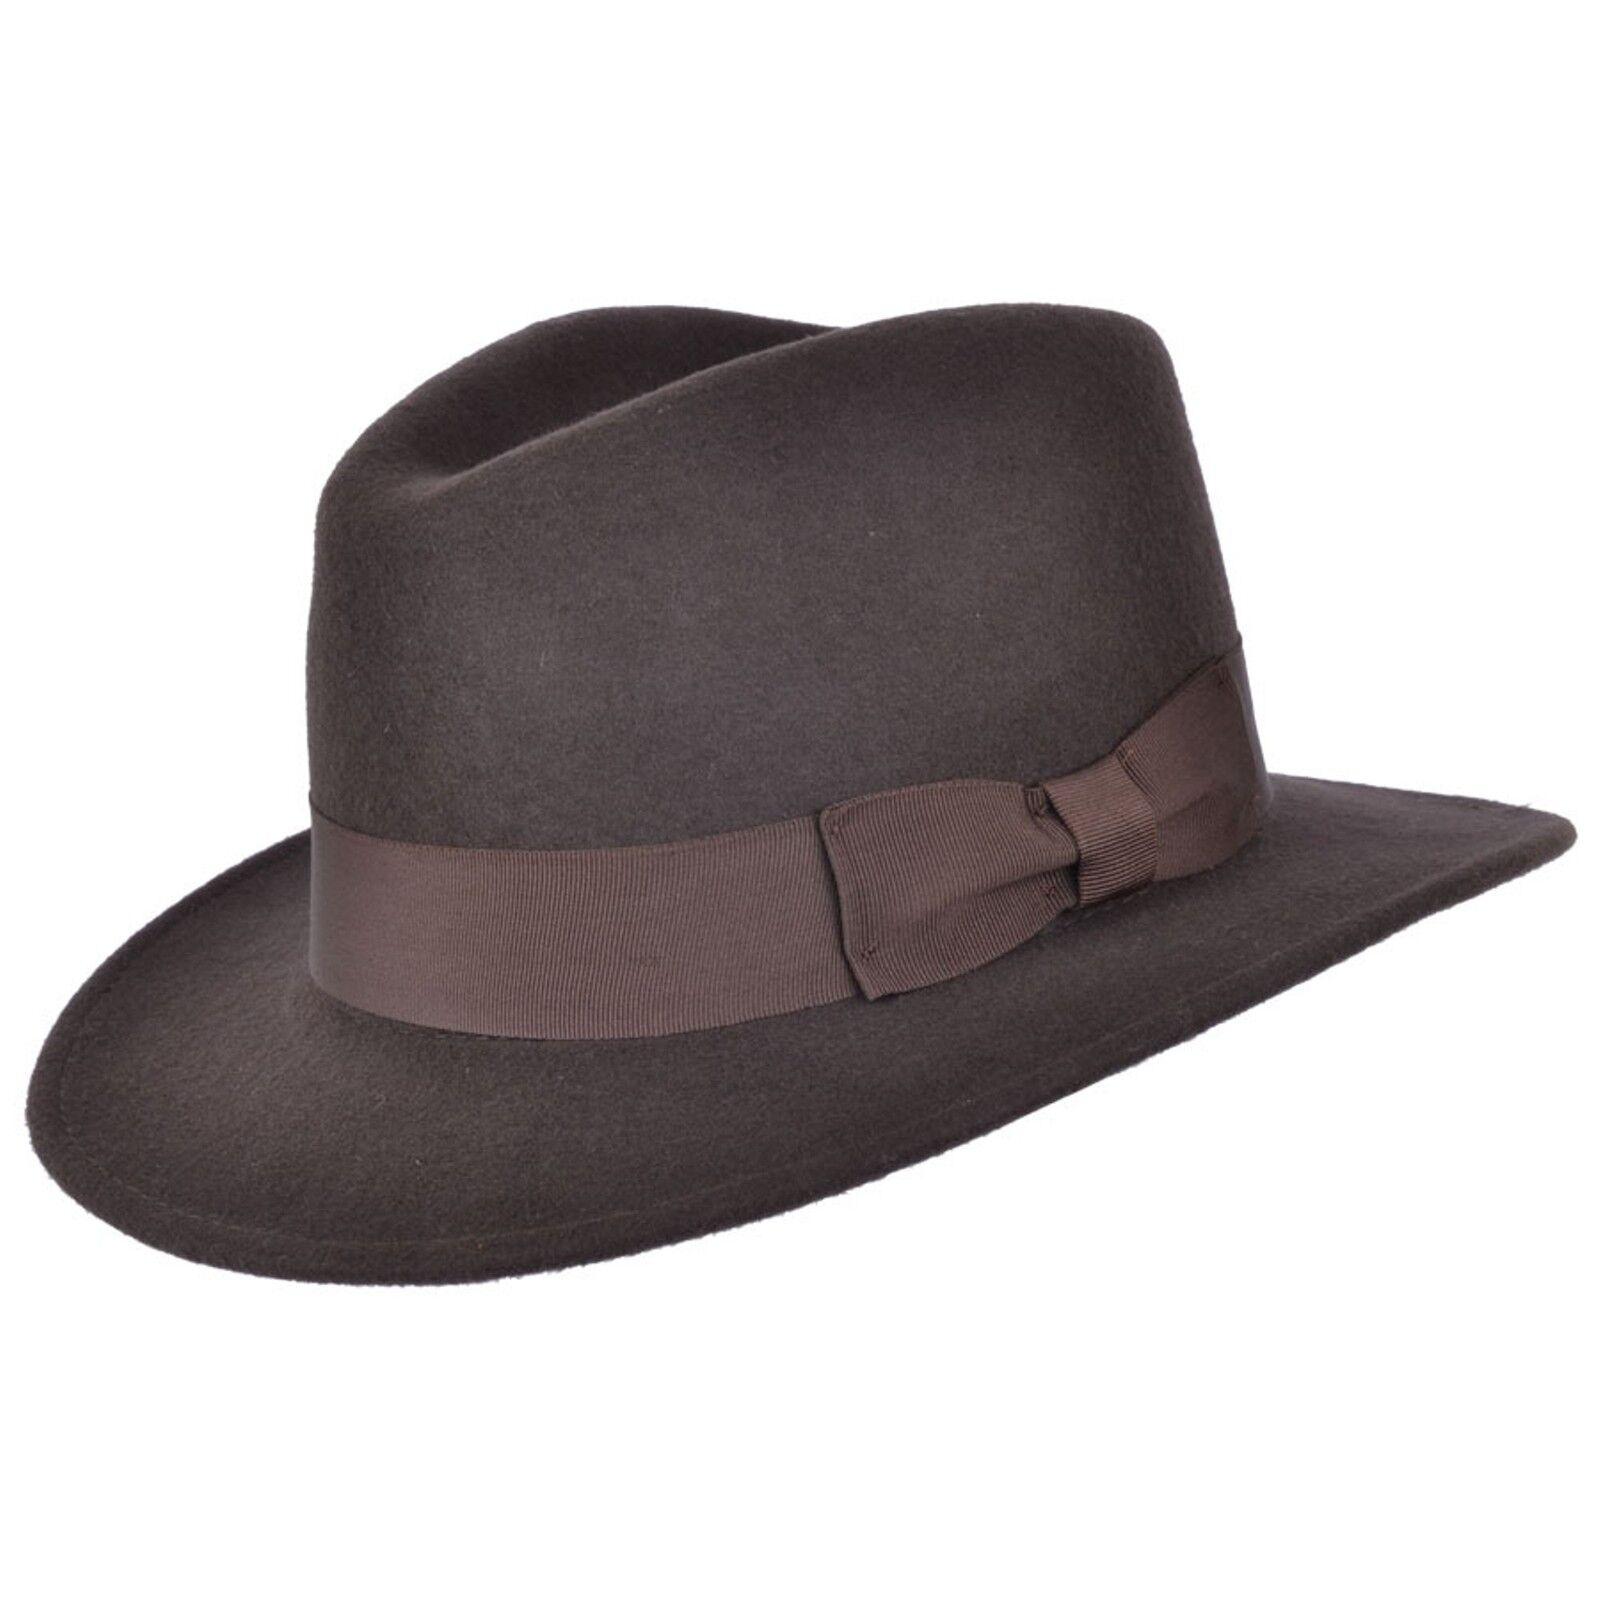 Indiana de caballeros 100% lana marrón fieltro sombrero Fedora con banda  ancha 45119722e4c